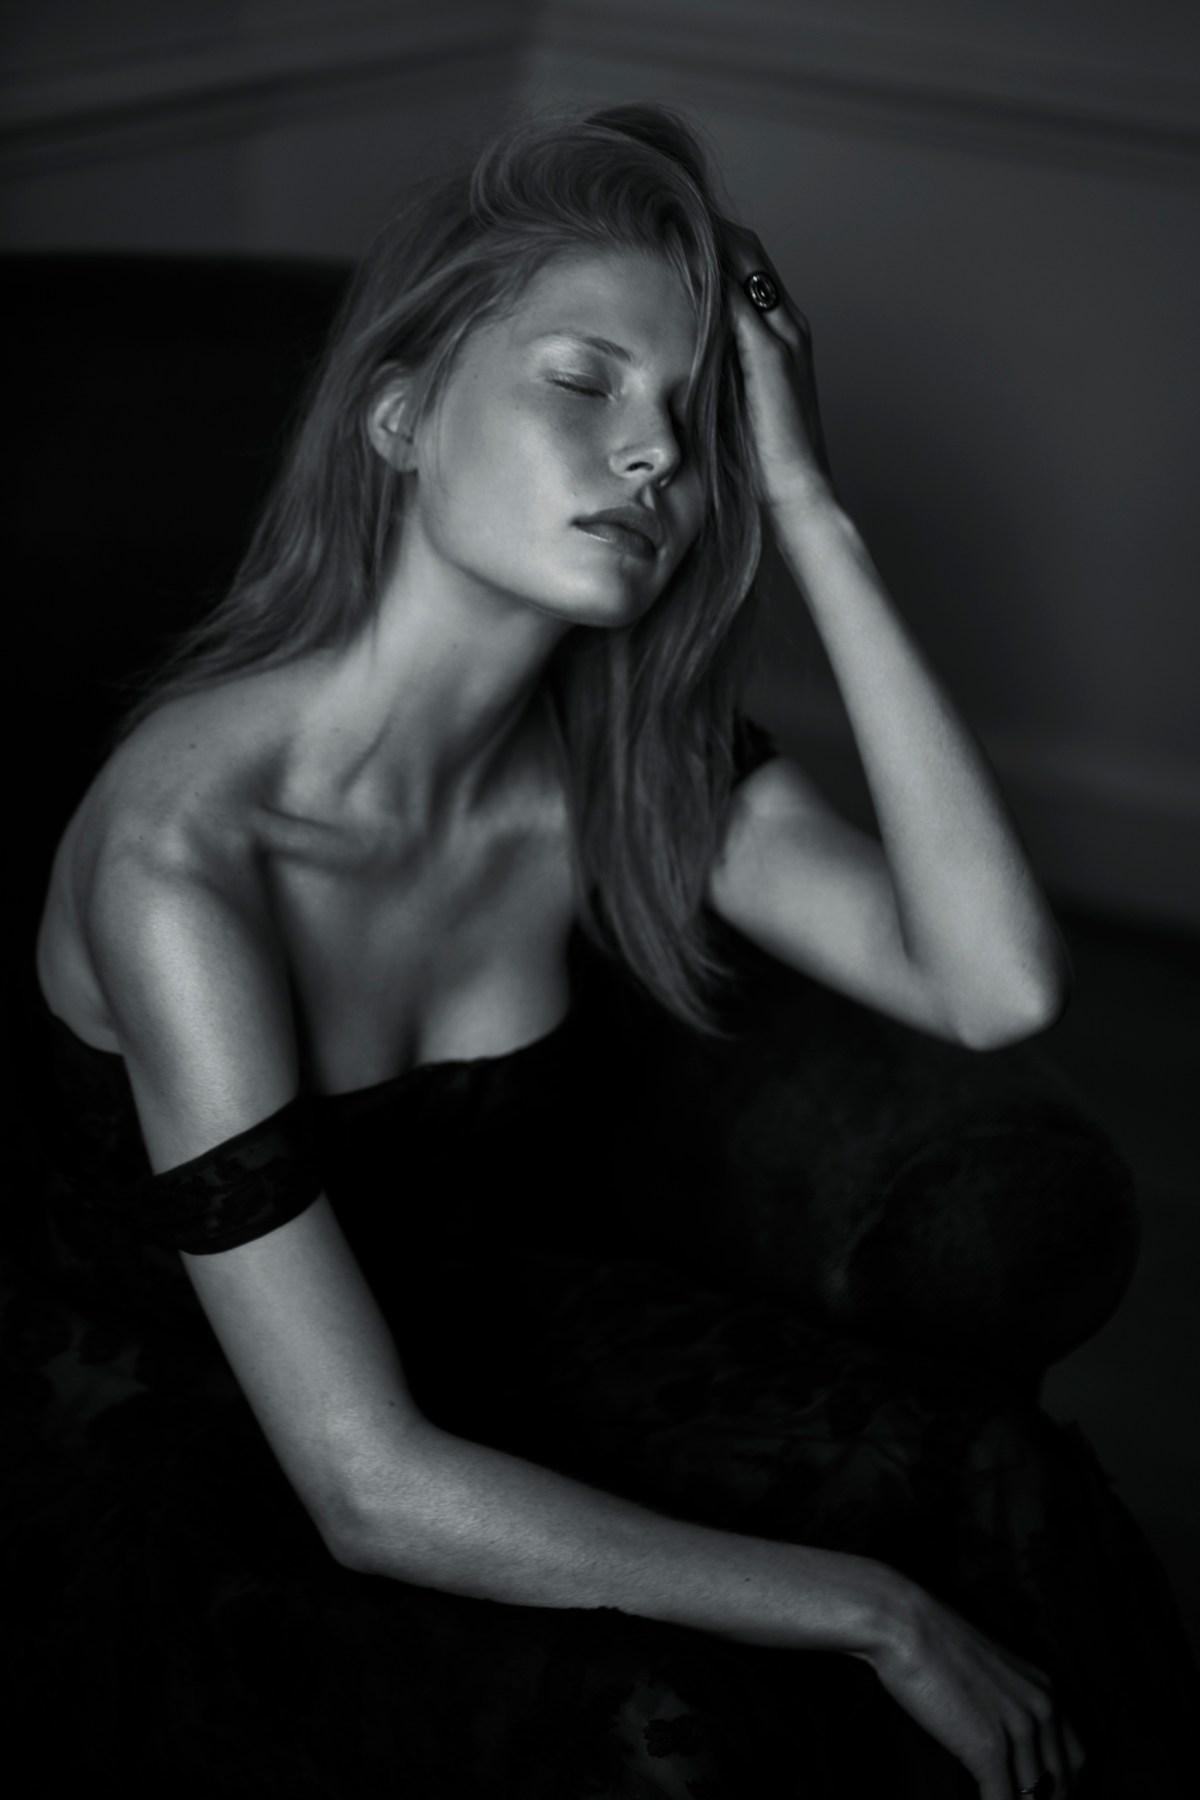 Sofie Theobald by Chloe Mallett for Make Magazine